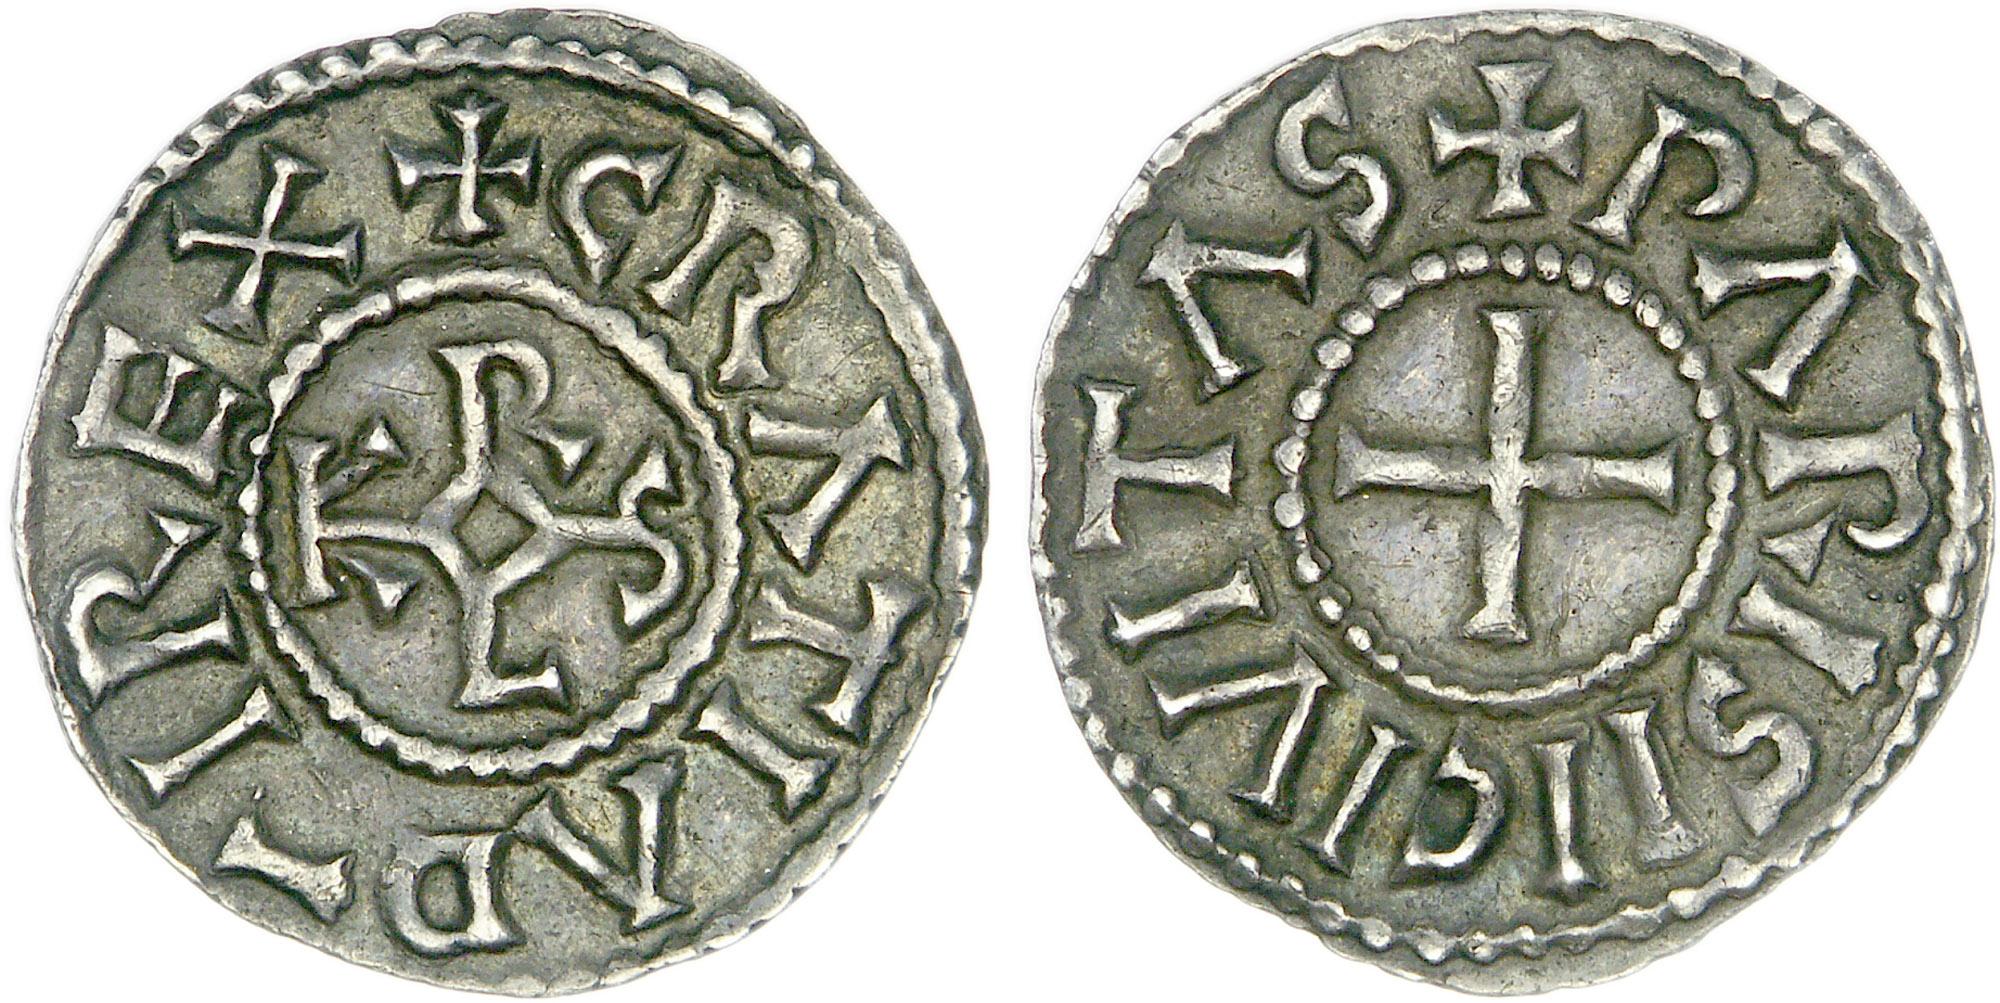 Münze, die dem westfränkischen König Karl II. dem Kahlen (843-877) zugeschrieben wird